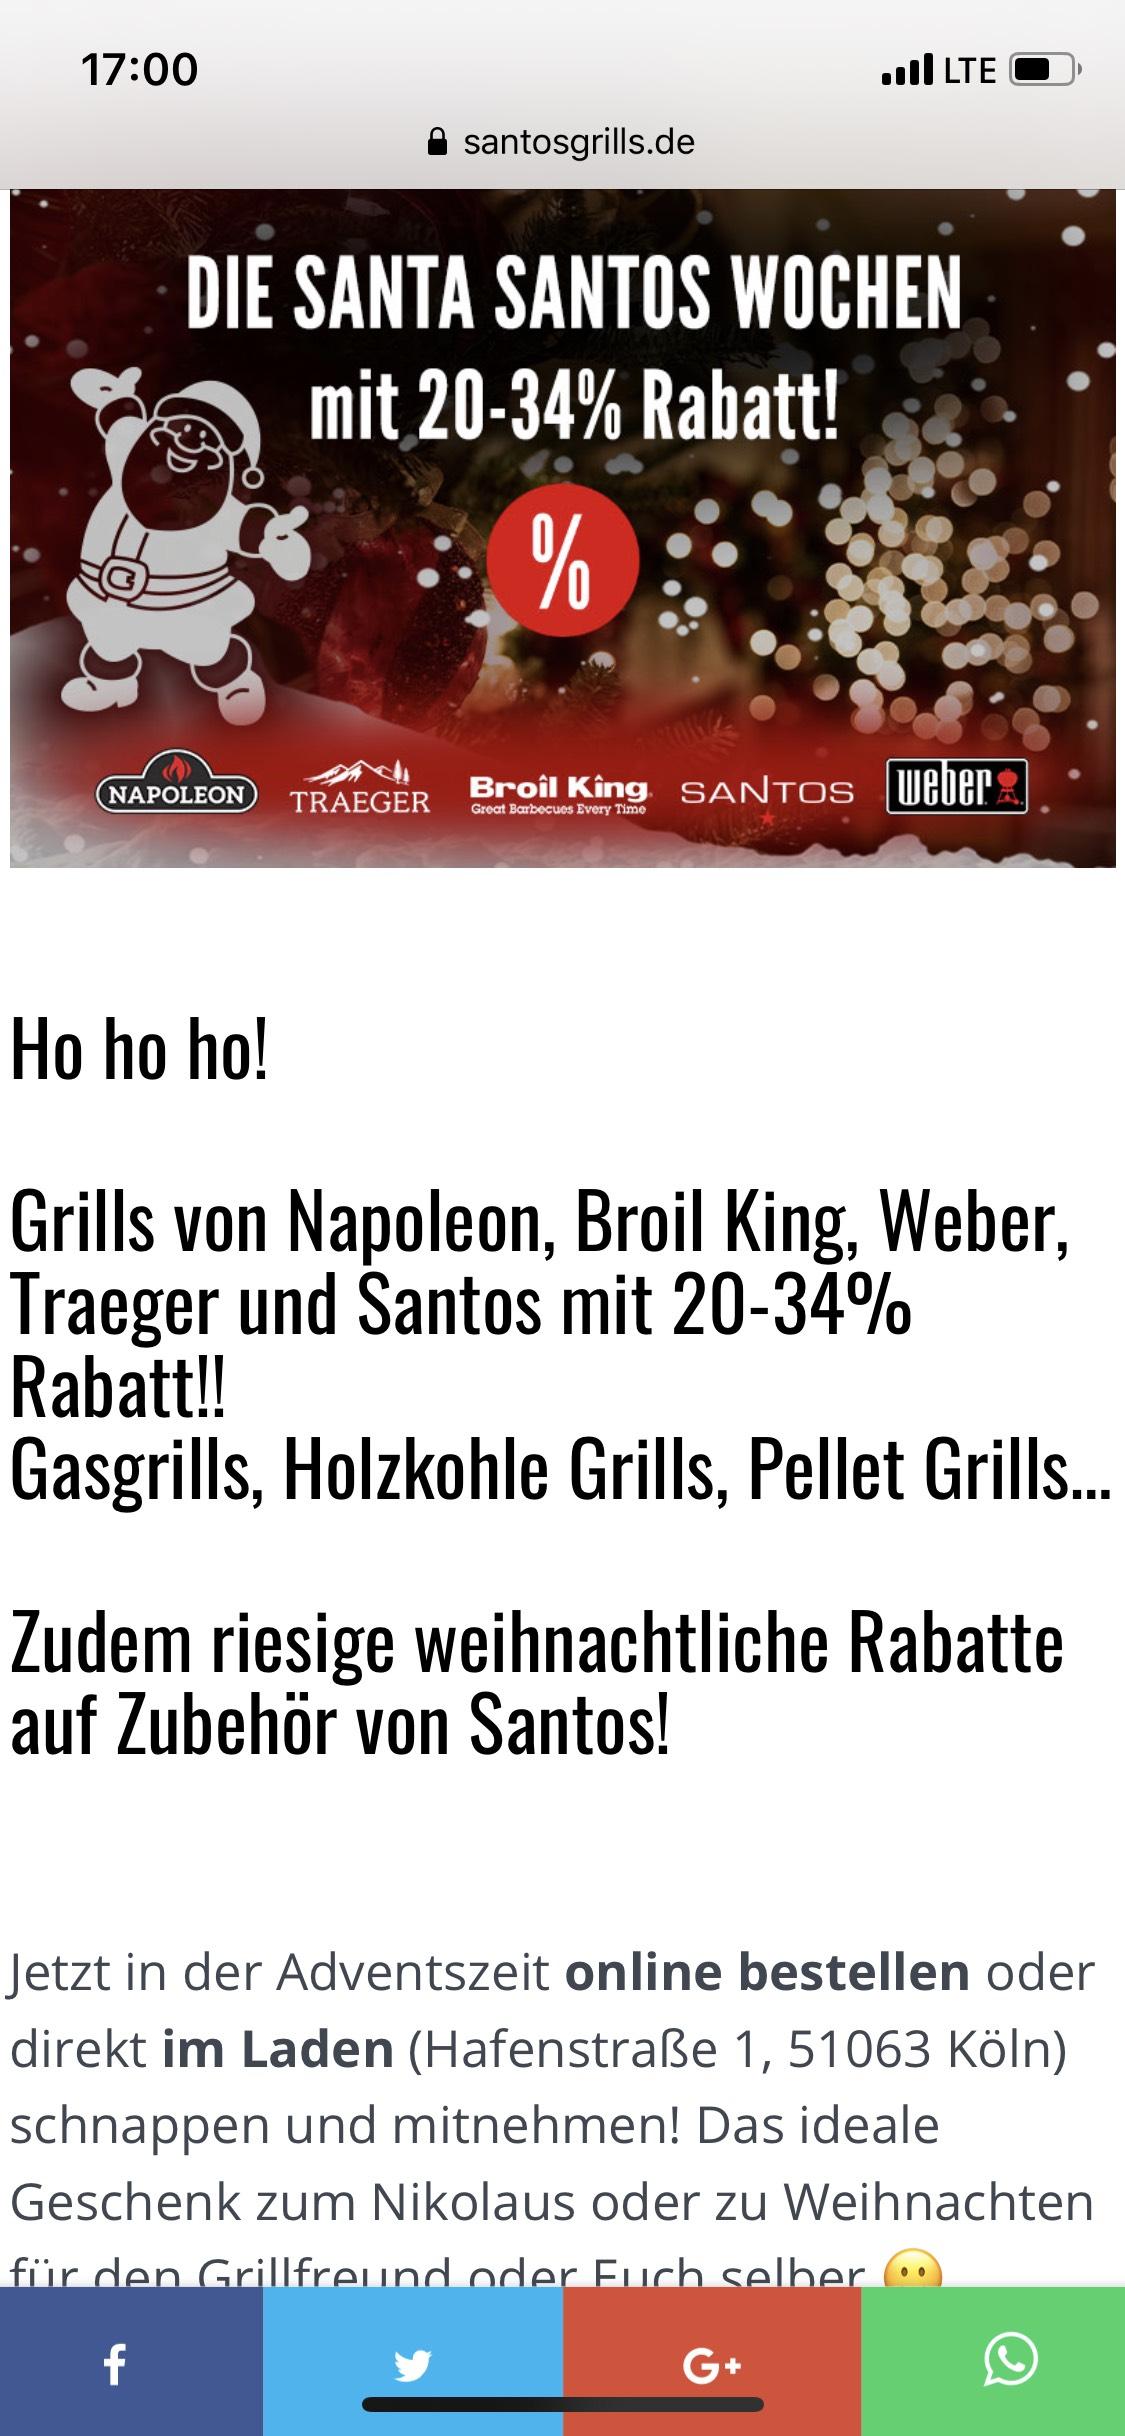 Santos Grill - DIE SANTA SANTOS WOCHEN mit 20-34% Rabatt!